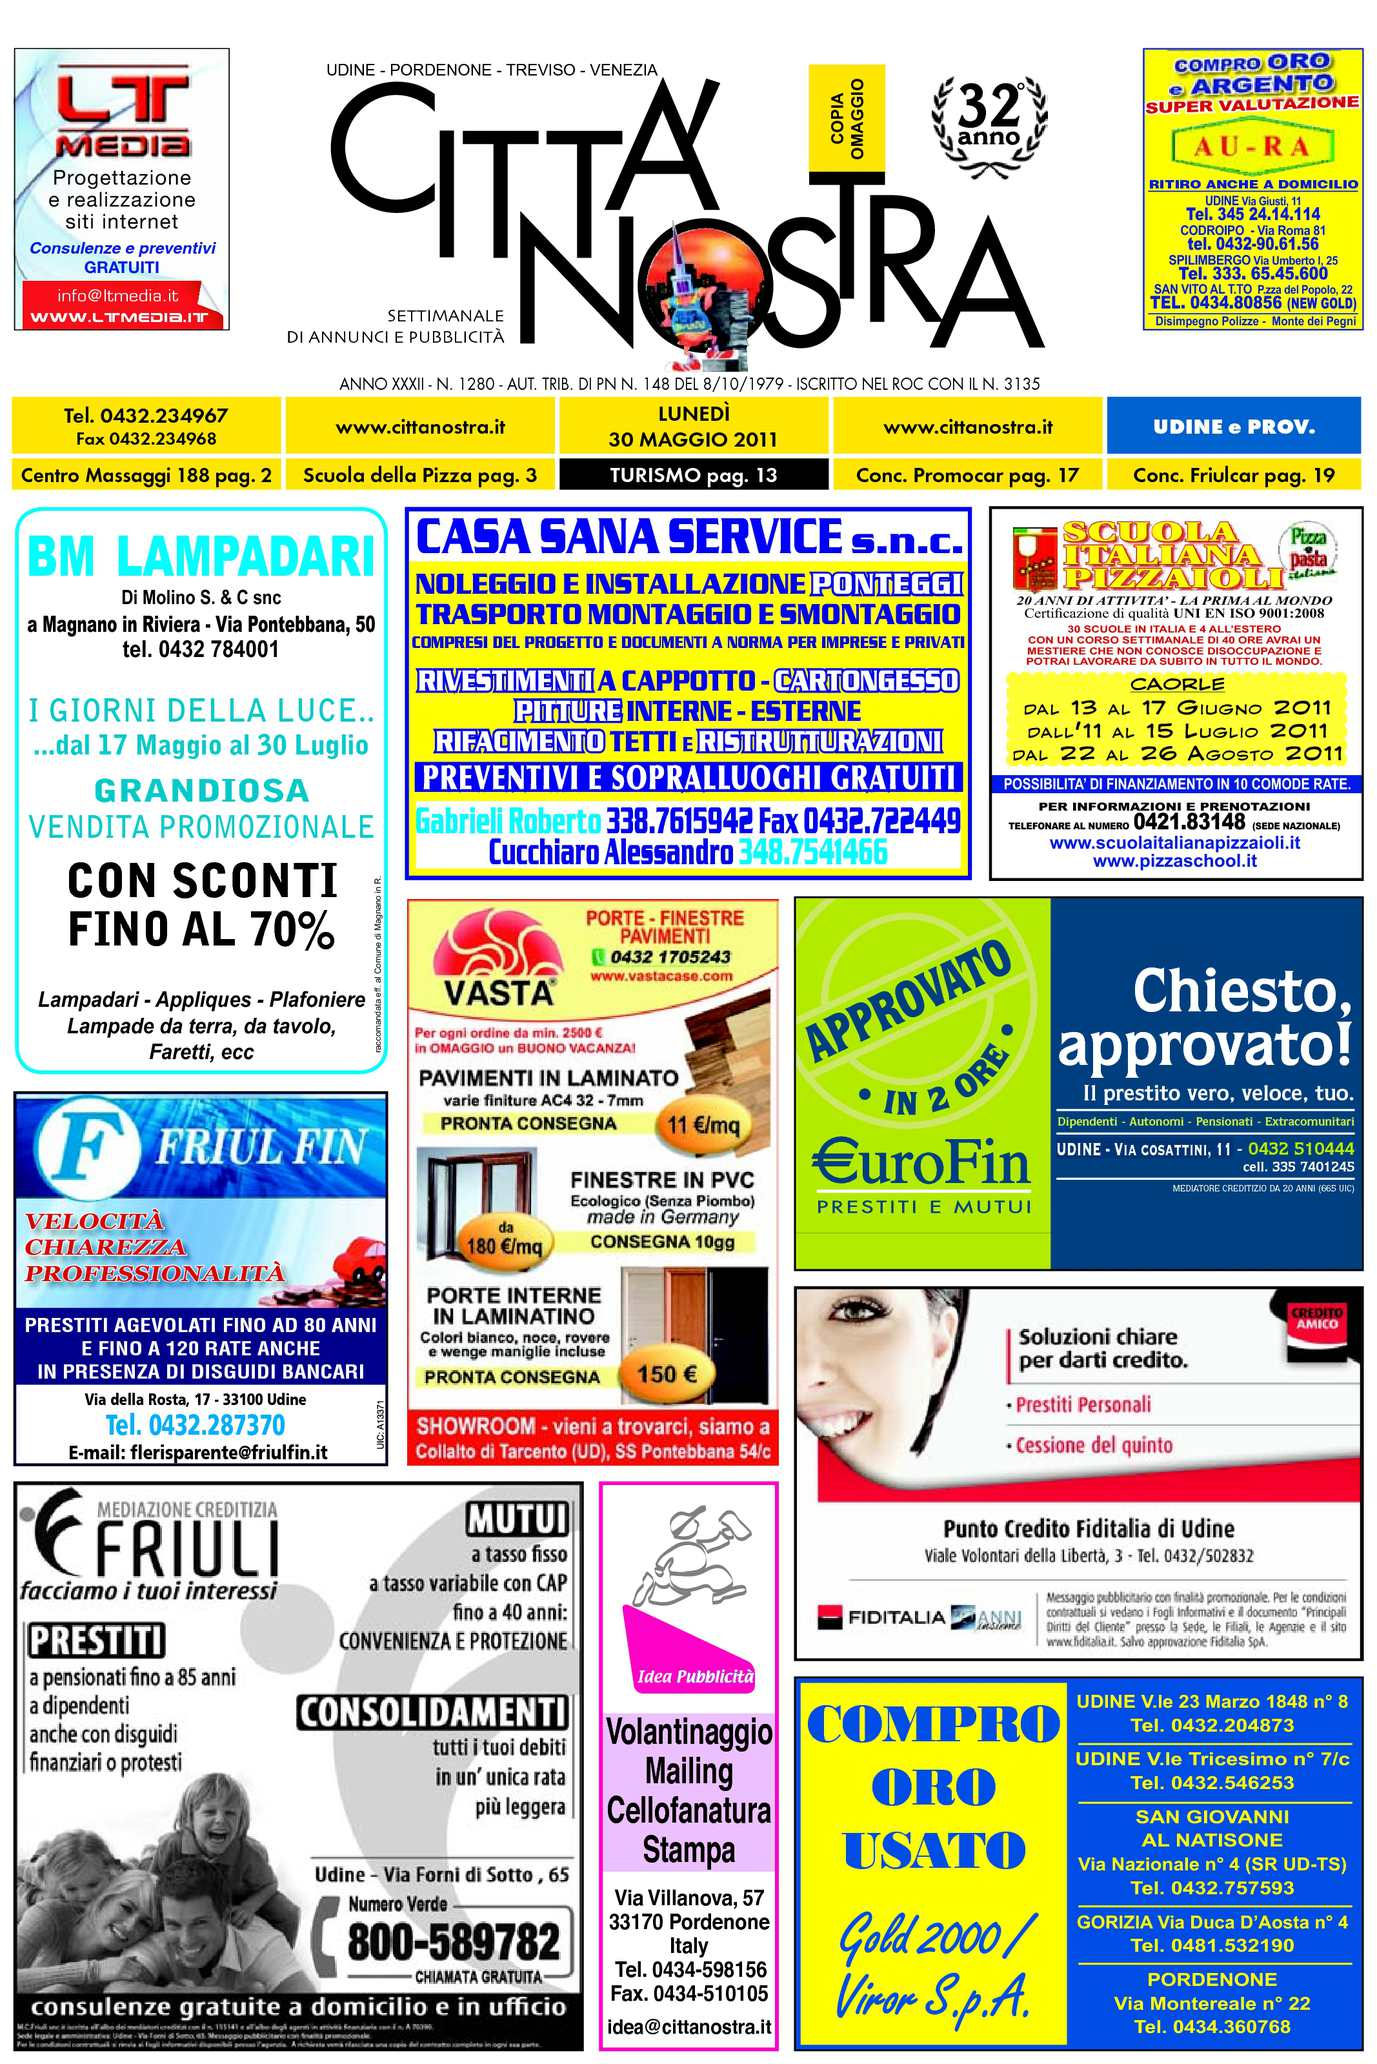 Calaméo - Città Nostra Udine del 30.05.2011 n. 1280 0f01a5a20c4d